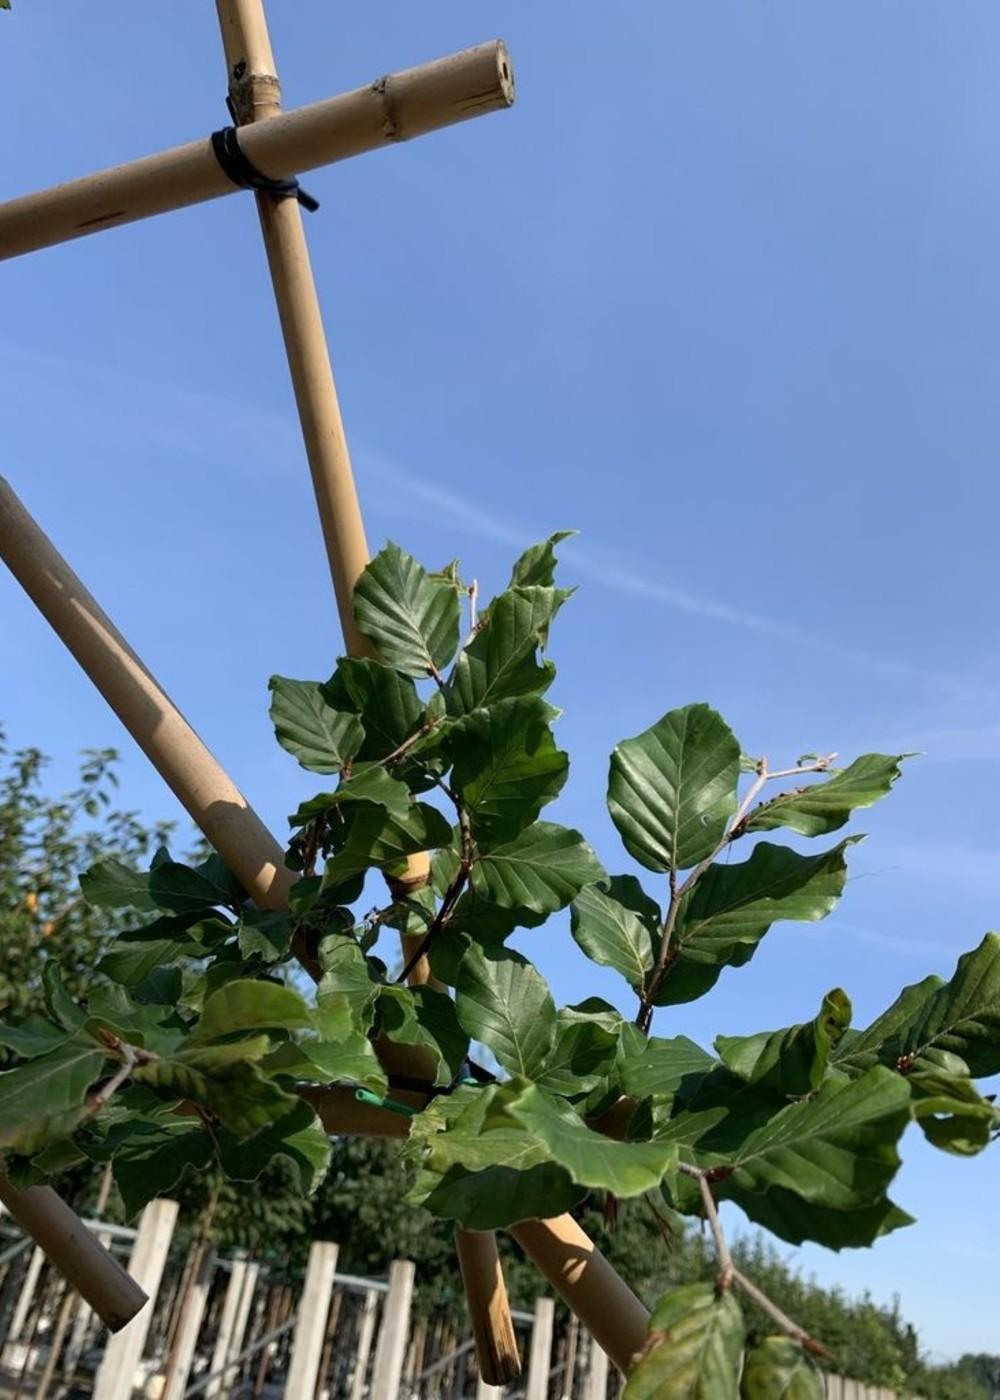 Rotbuche Spalierbaum | Fagus sylvatica Spalierbaum